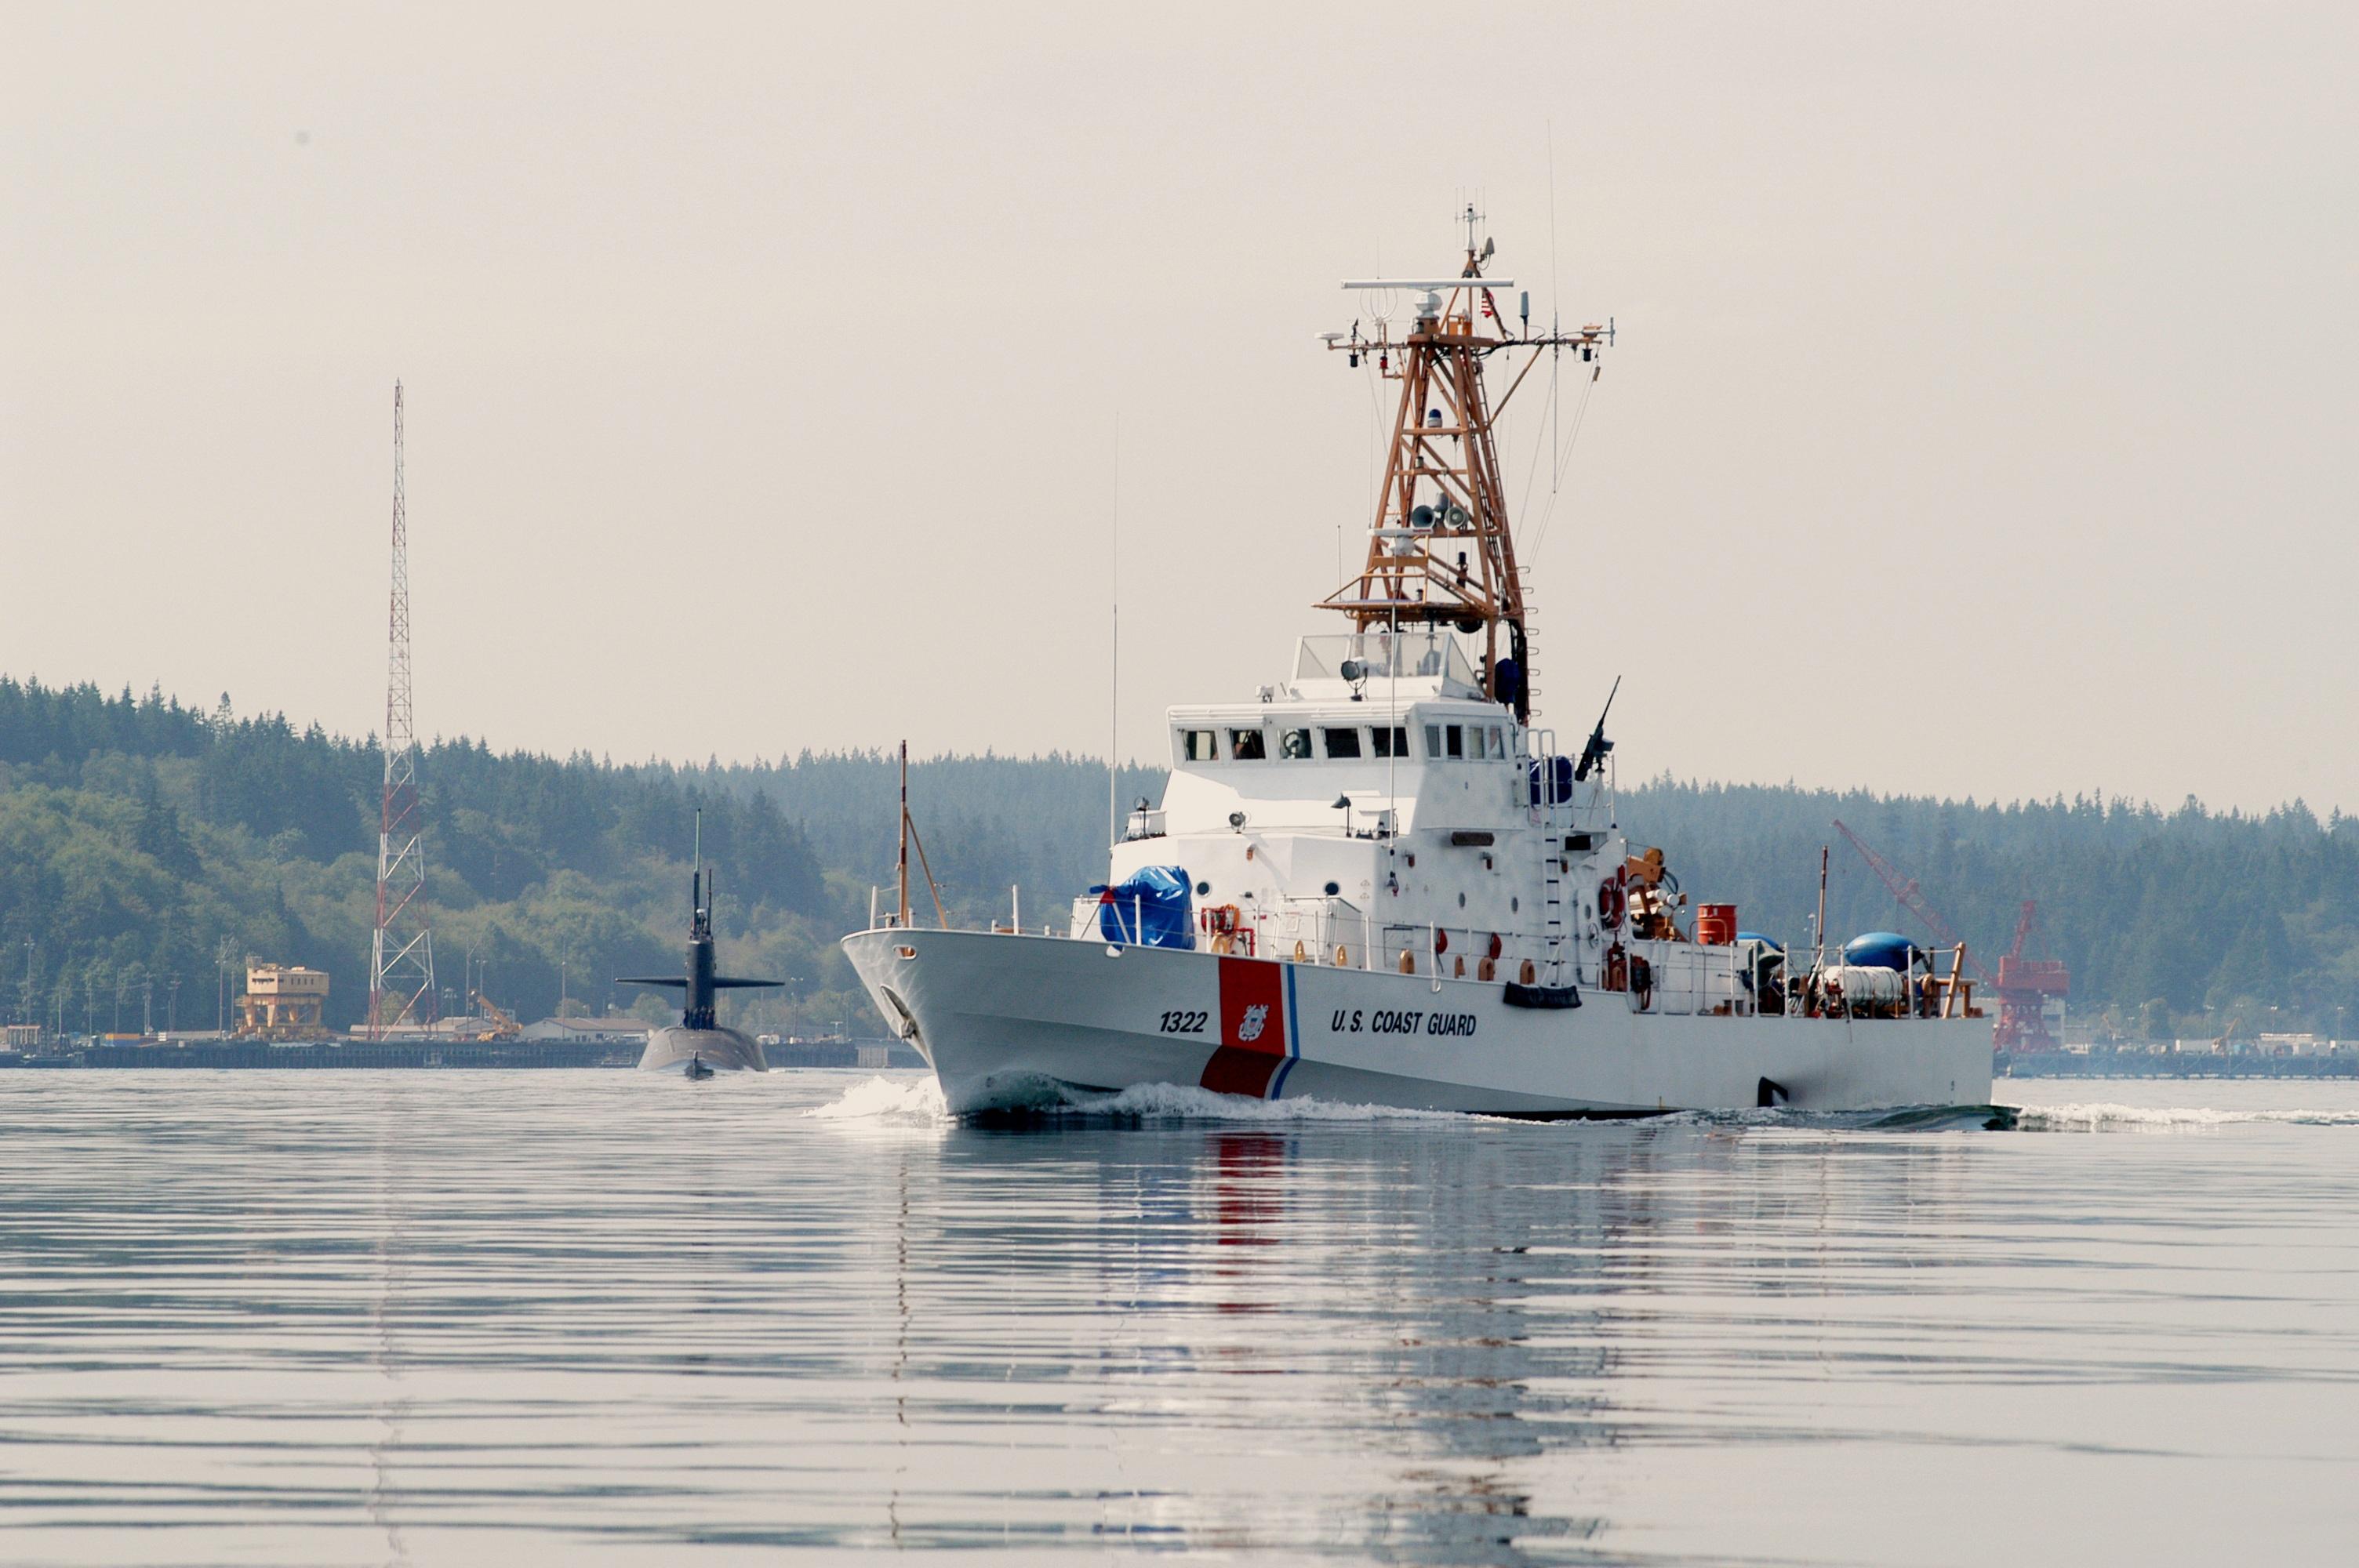 A U.S. Coast Guard cutter guards a marine port. August 2003. [Pixaby]